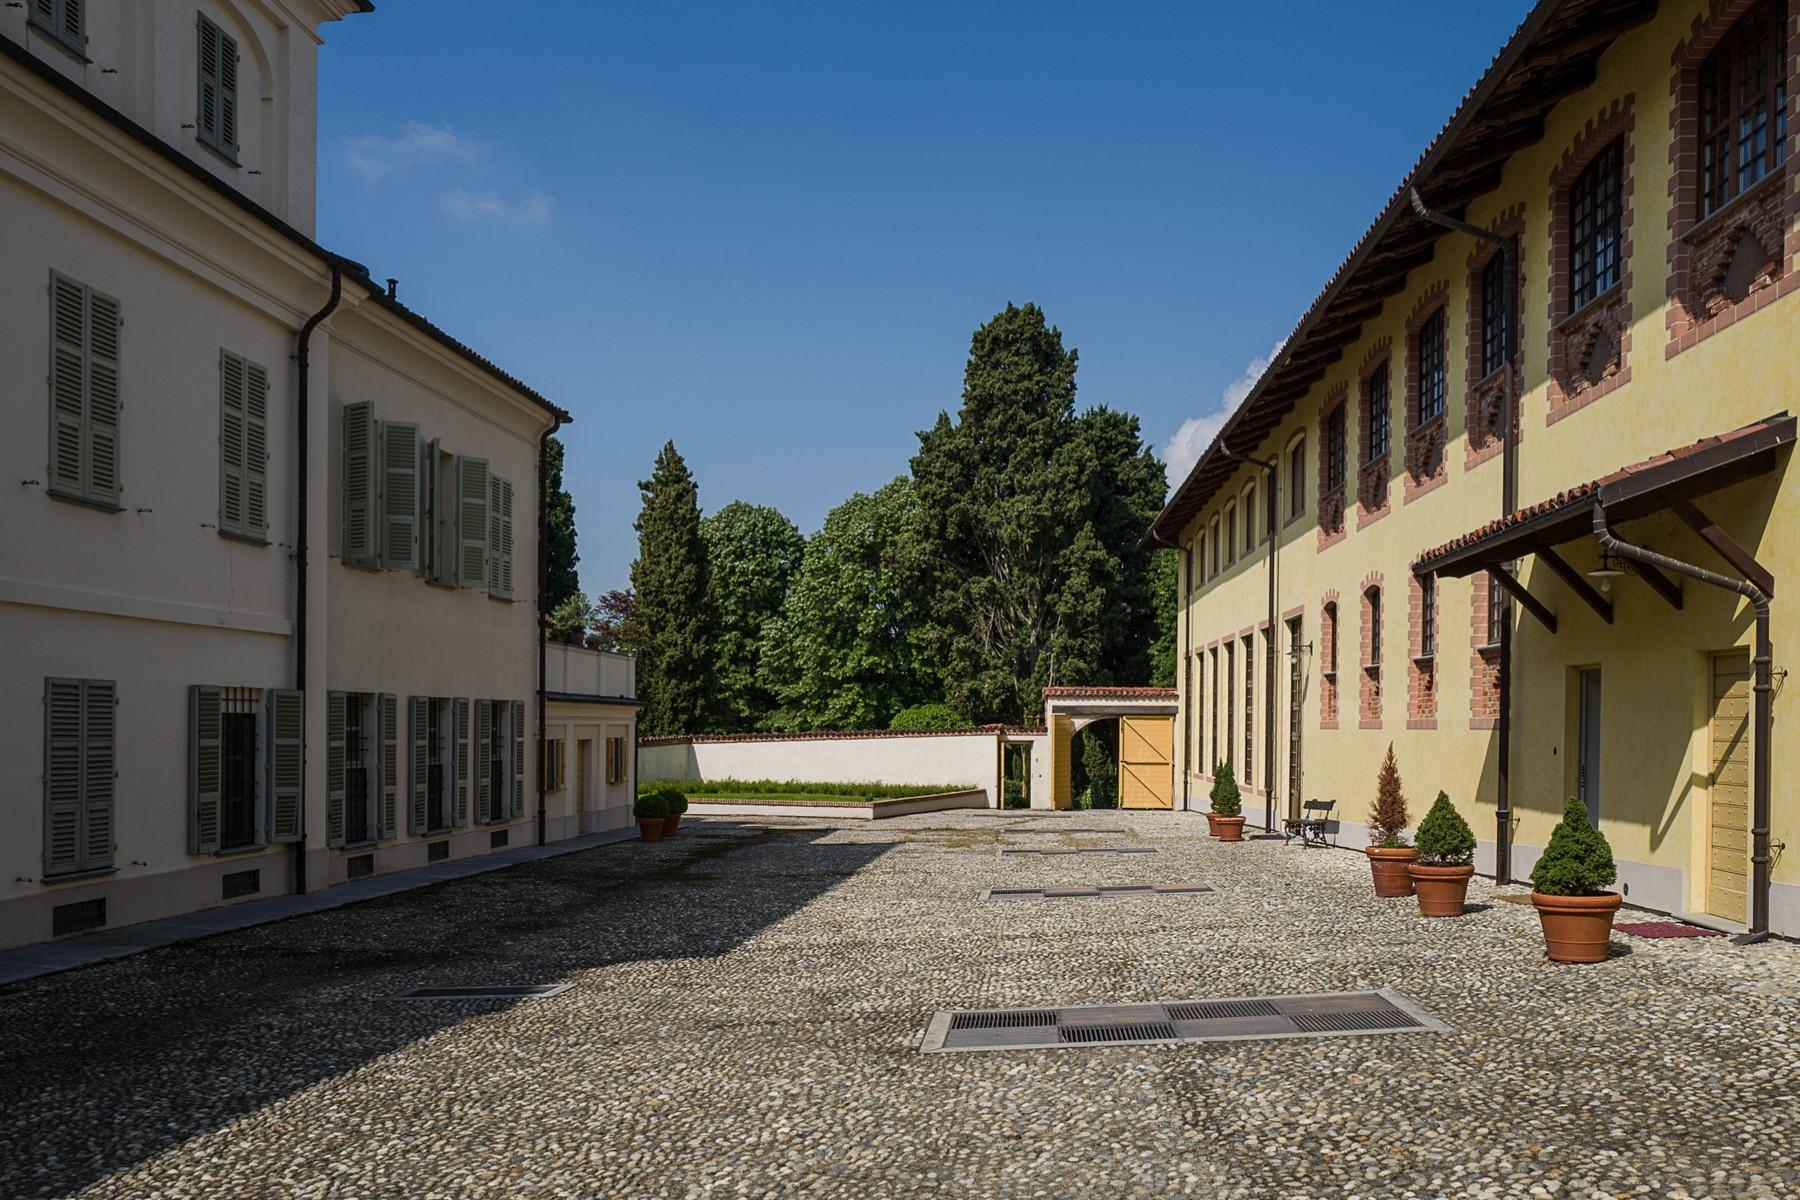 Wohnung in einer antiken Villa in Chieri - 2